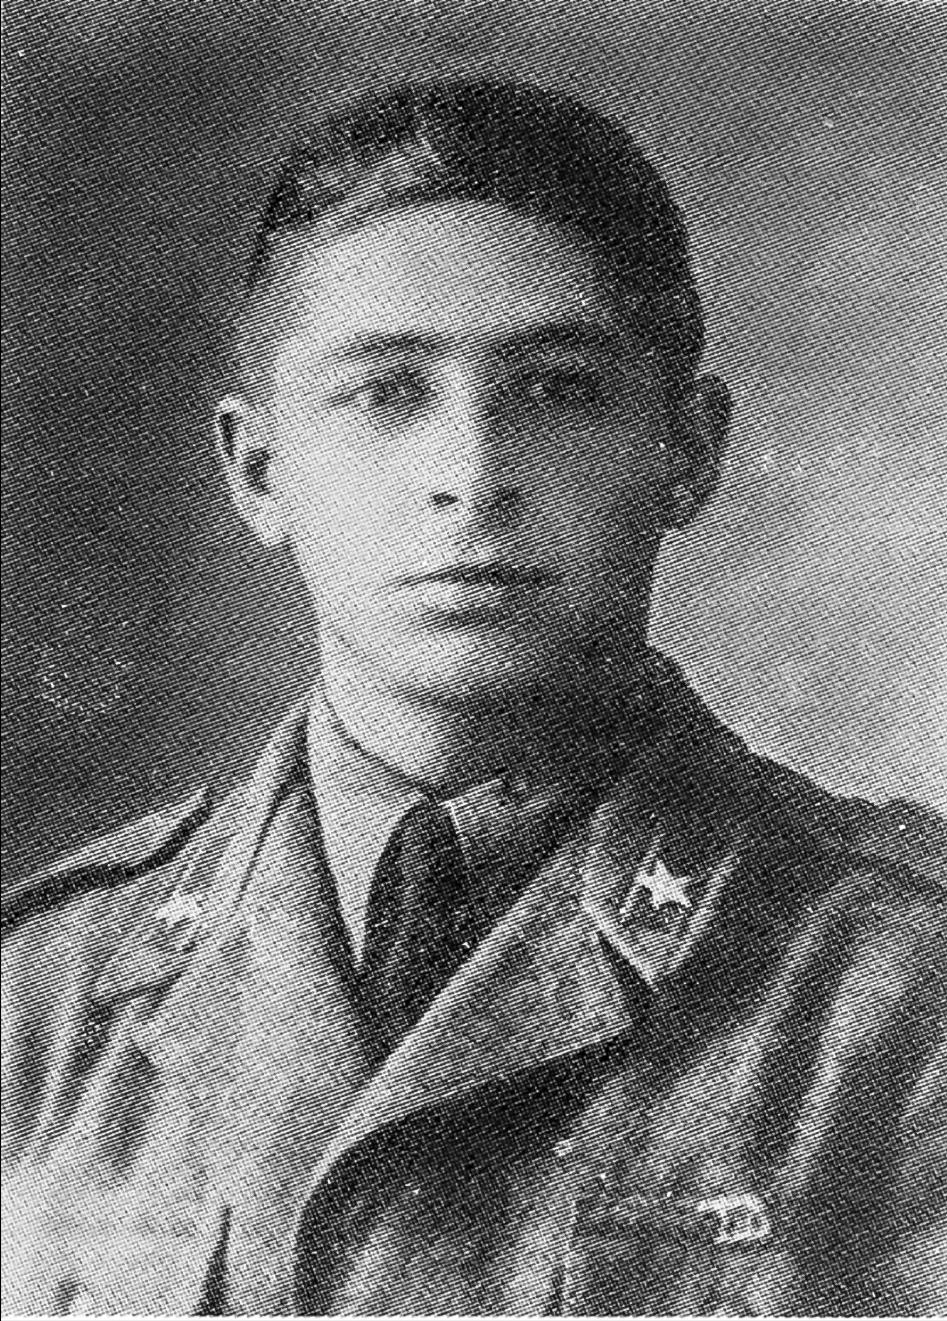 Augusto Pola